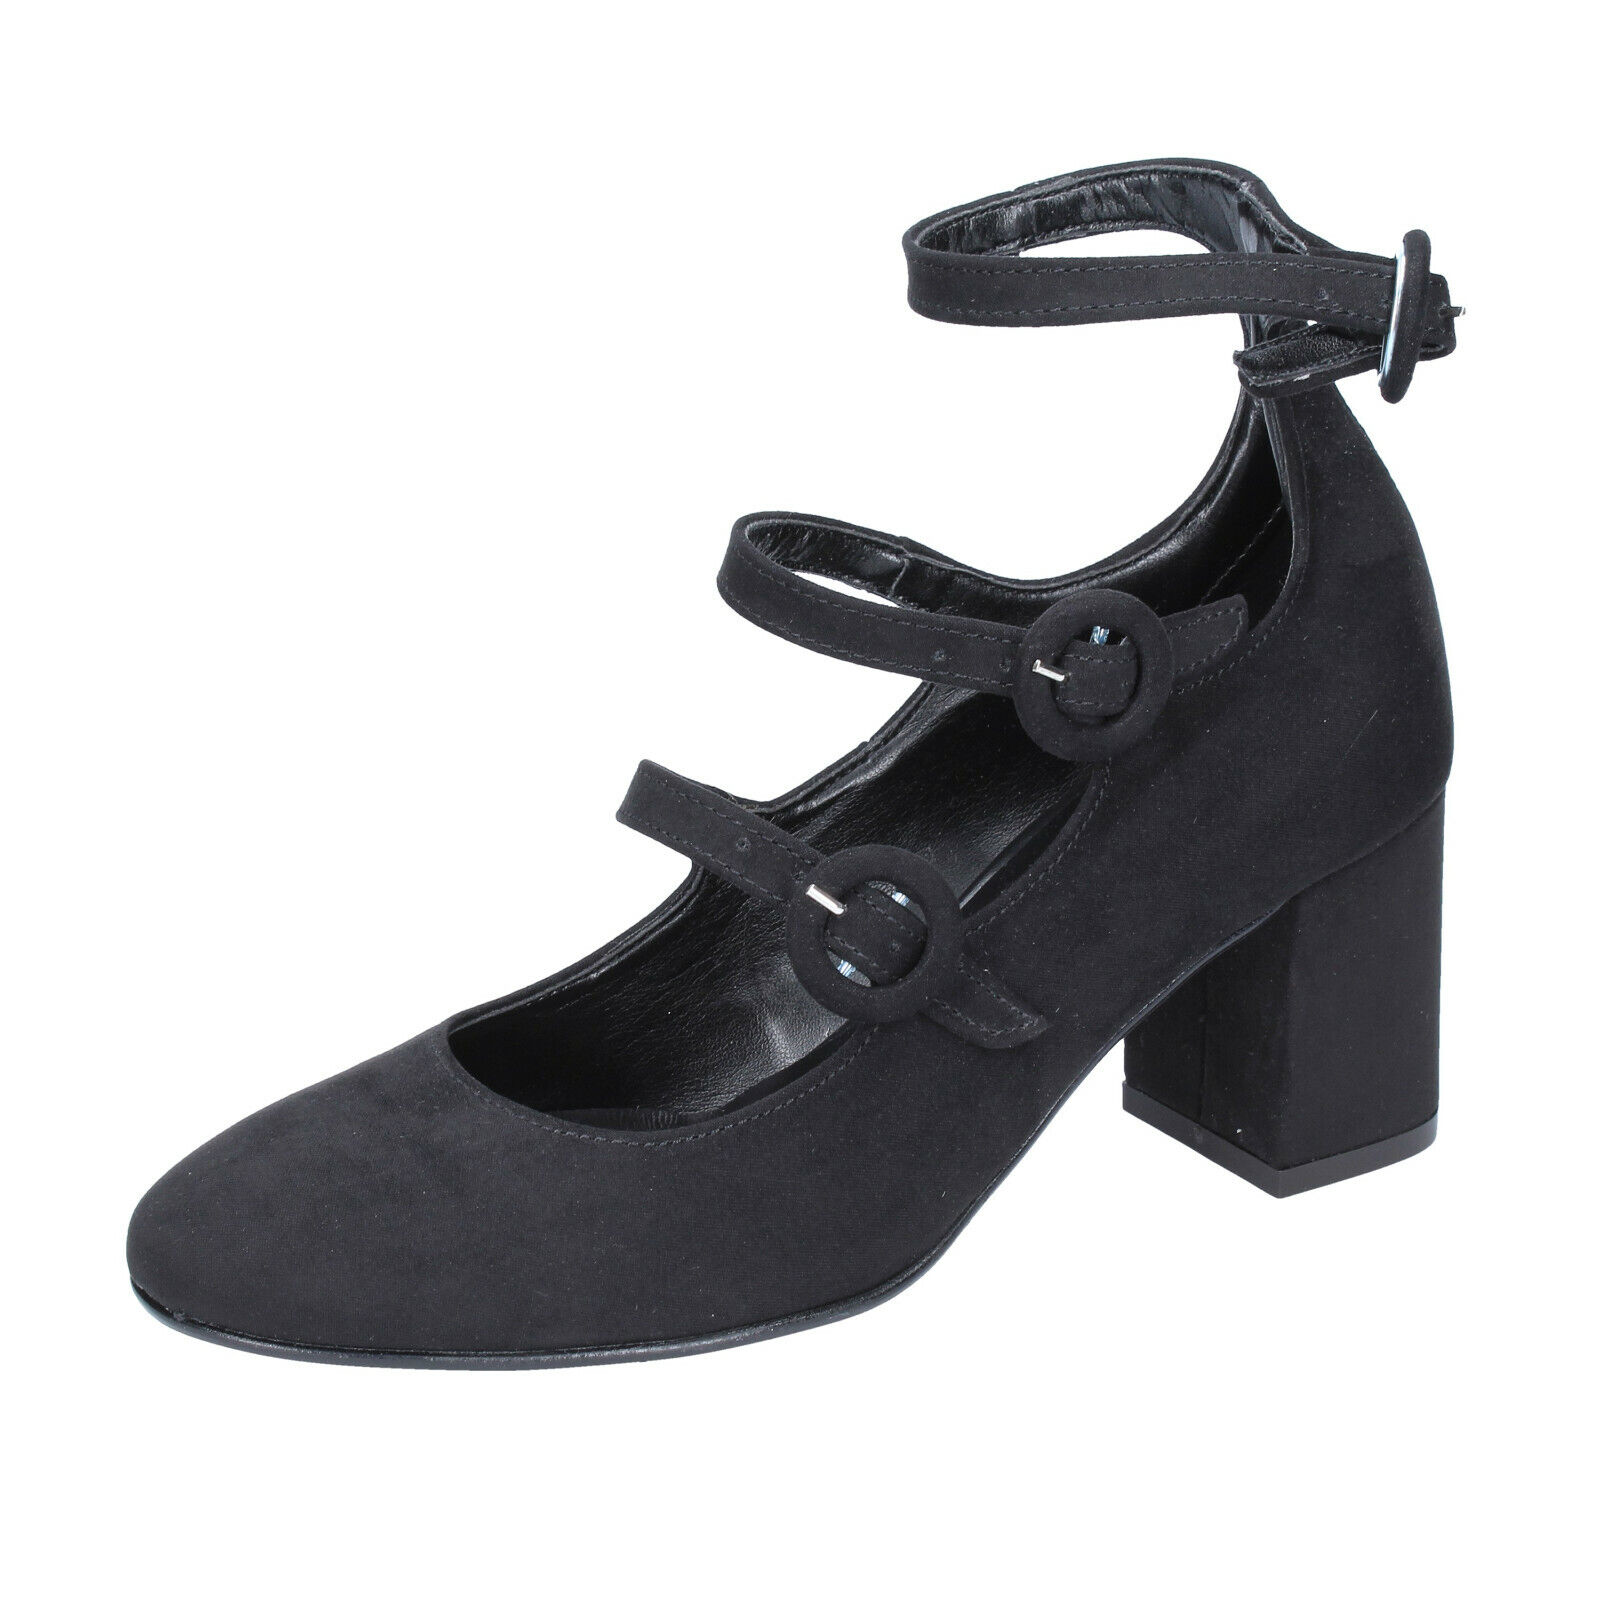 Hochwertige Pumps, High heels mit Strasssteinen, € 25